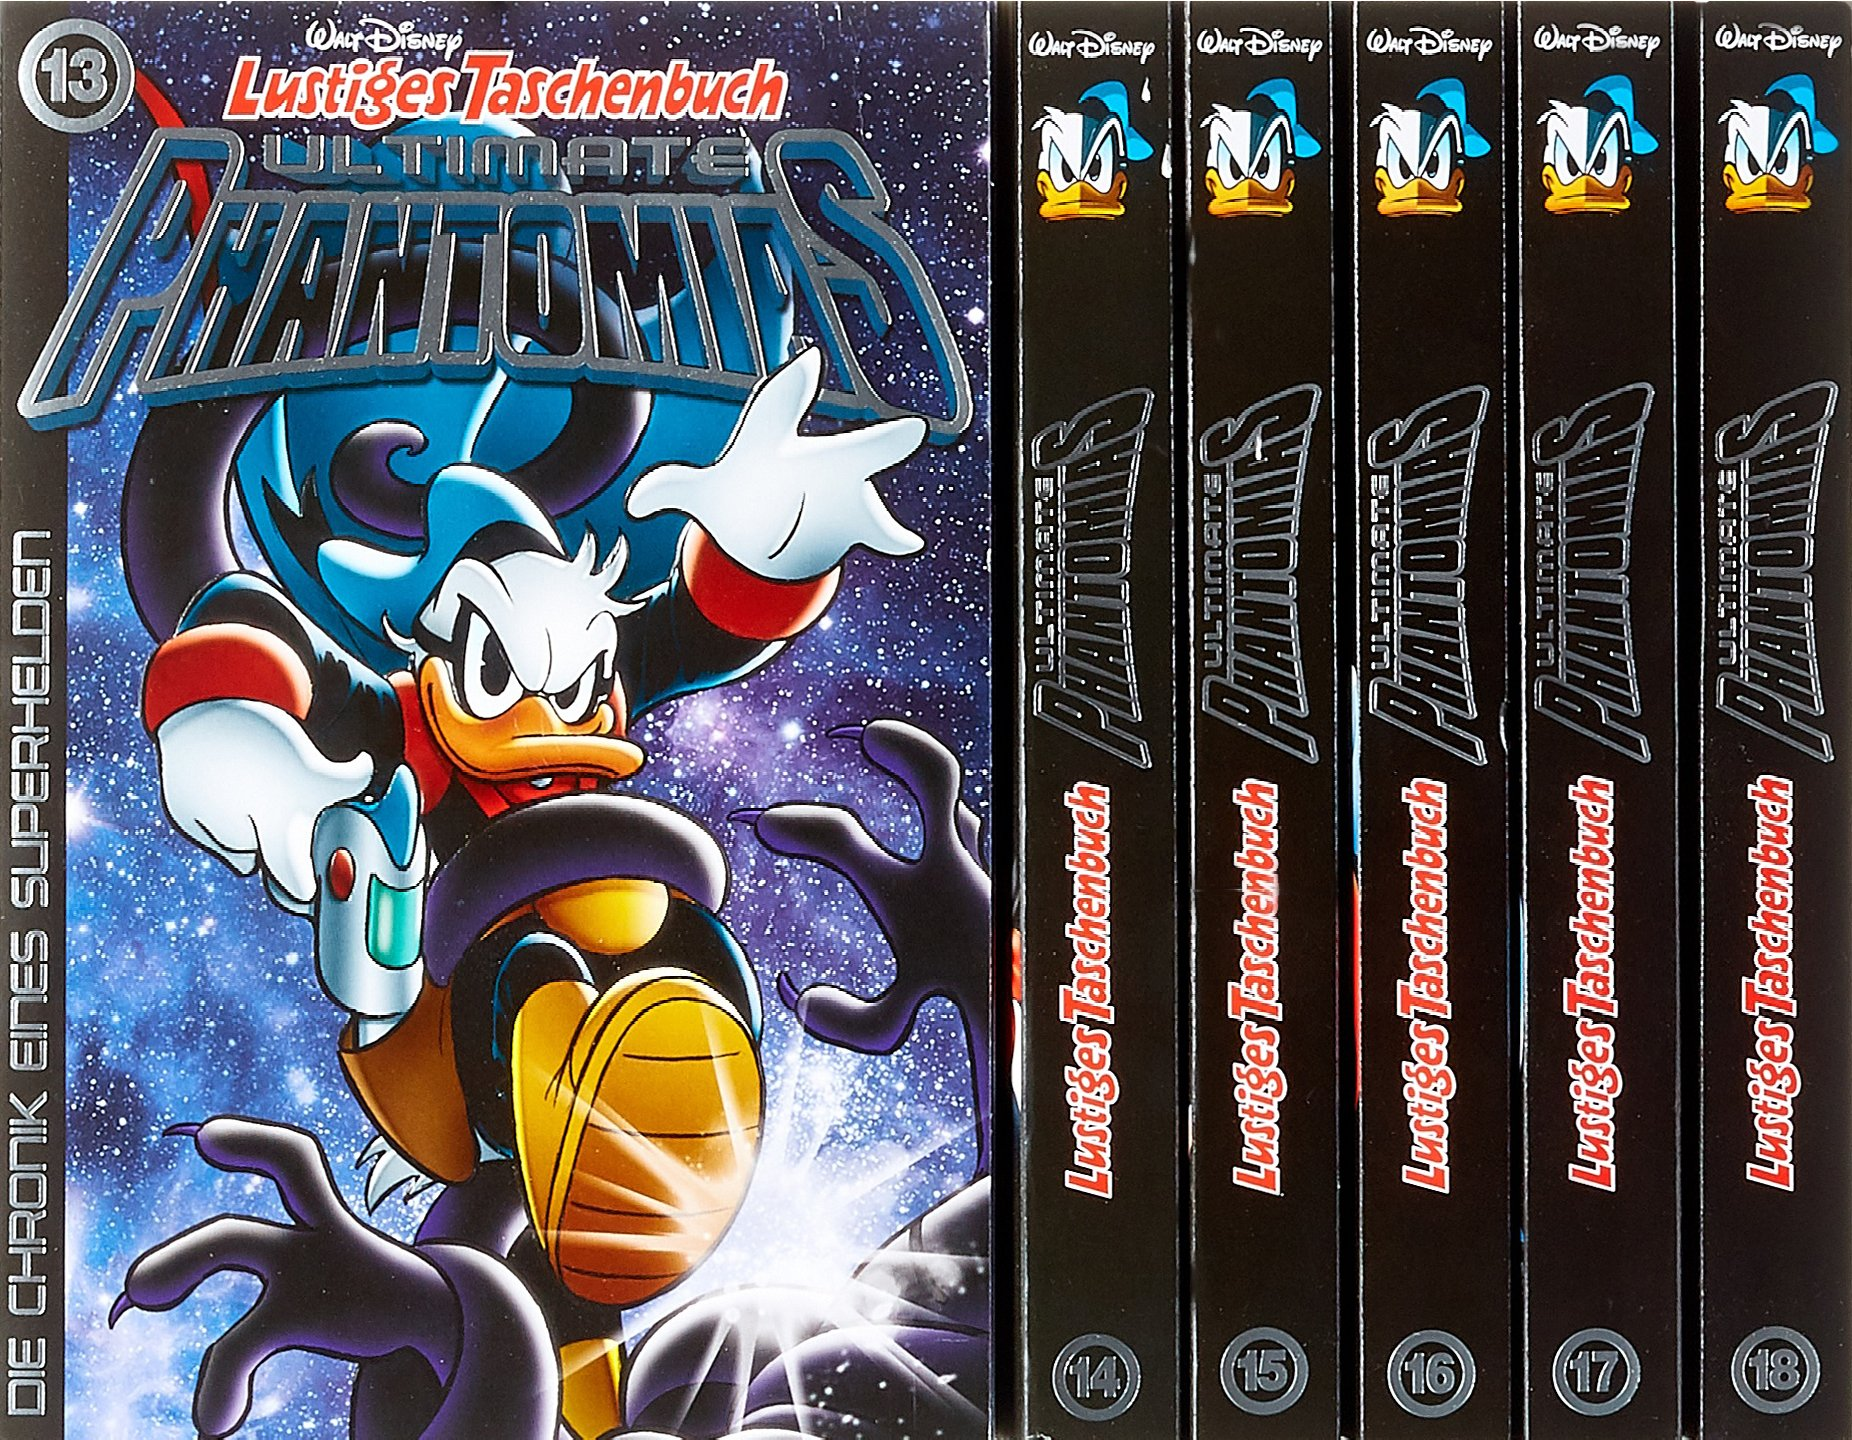 Lustiges Taschenbuch Ultimate Phantomias Box Band 13 - 18: Die Chronik eines Superhelden Taschenbuch – 13. Dezember 2017 Walt Disney Egmont Ehapa Media 3841340482 Comic / Abenteuer